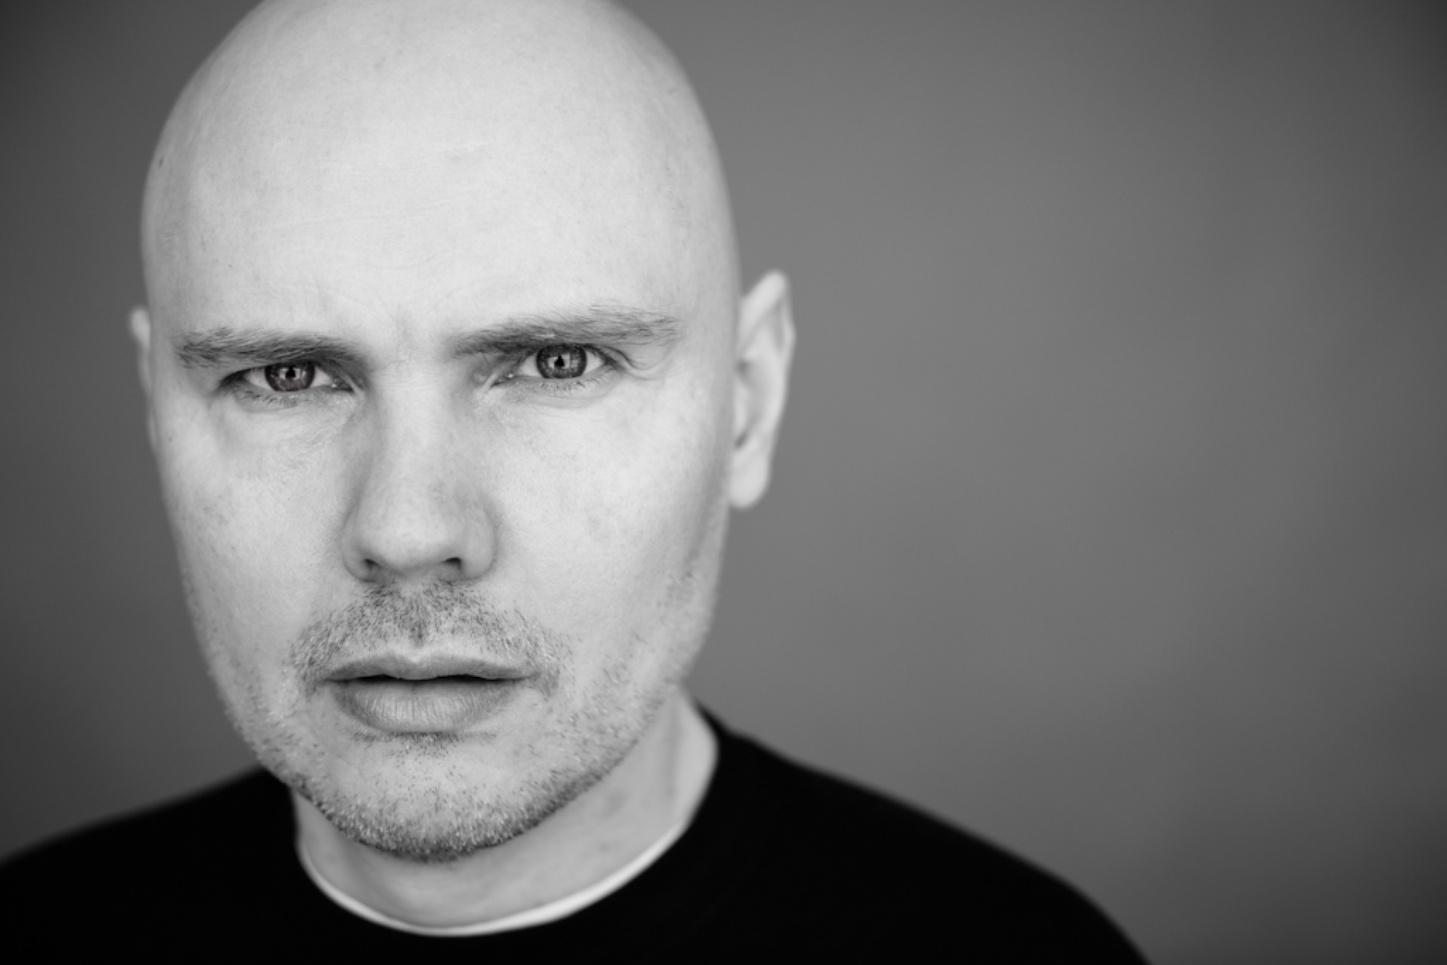 Bill Corgan